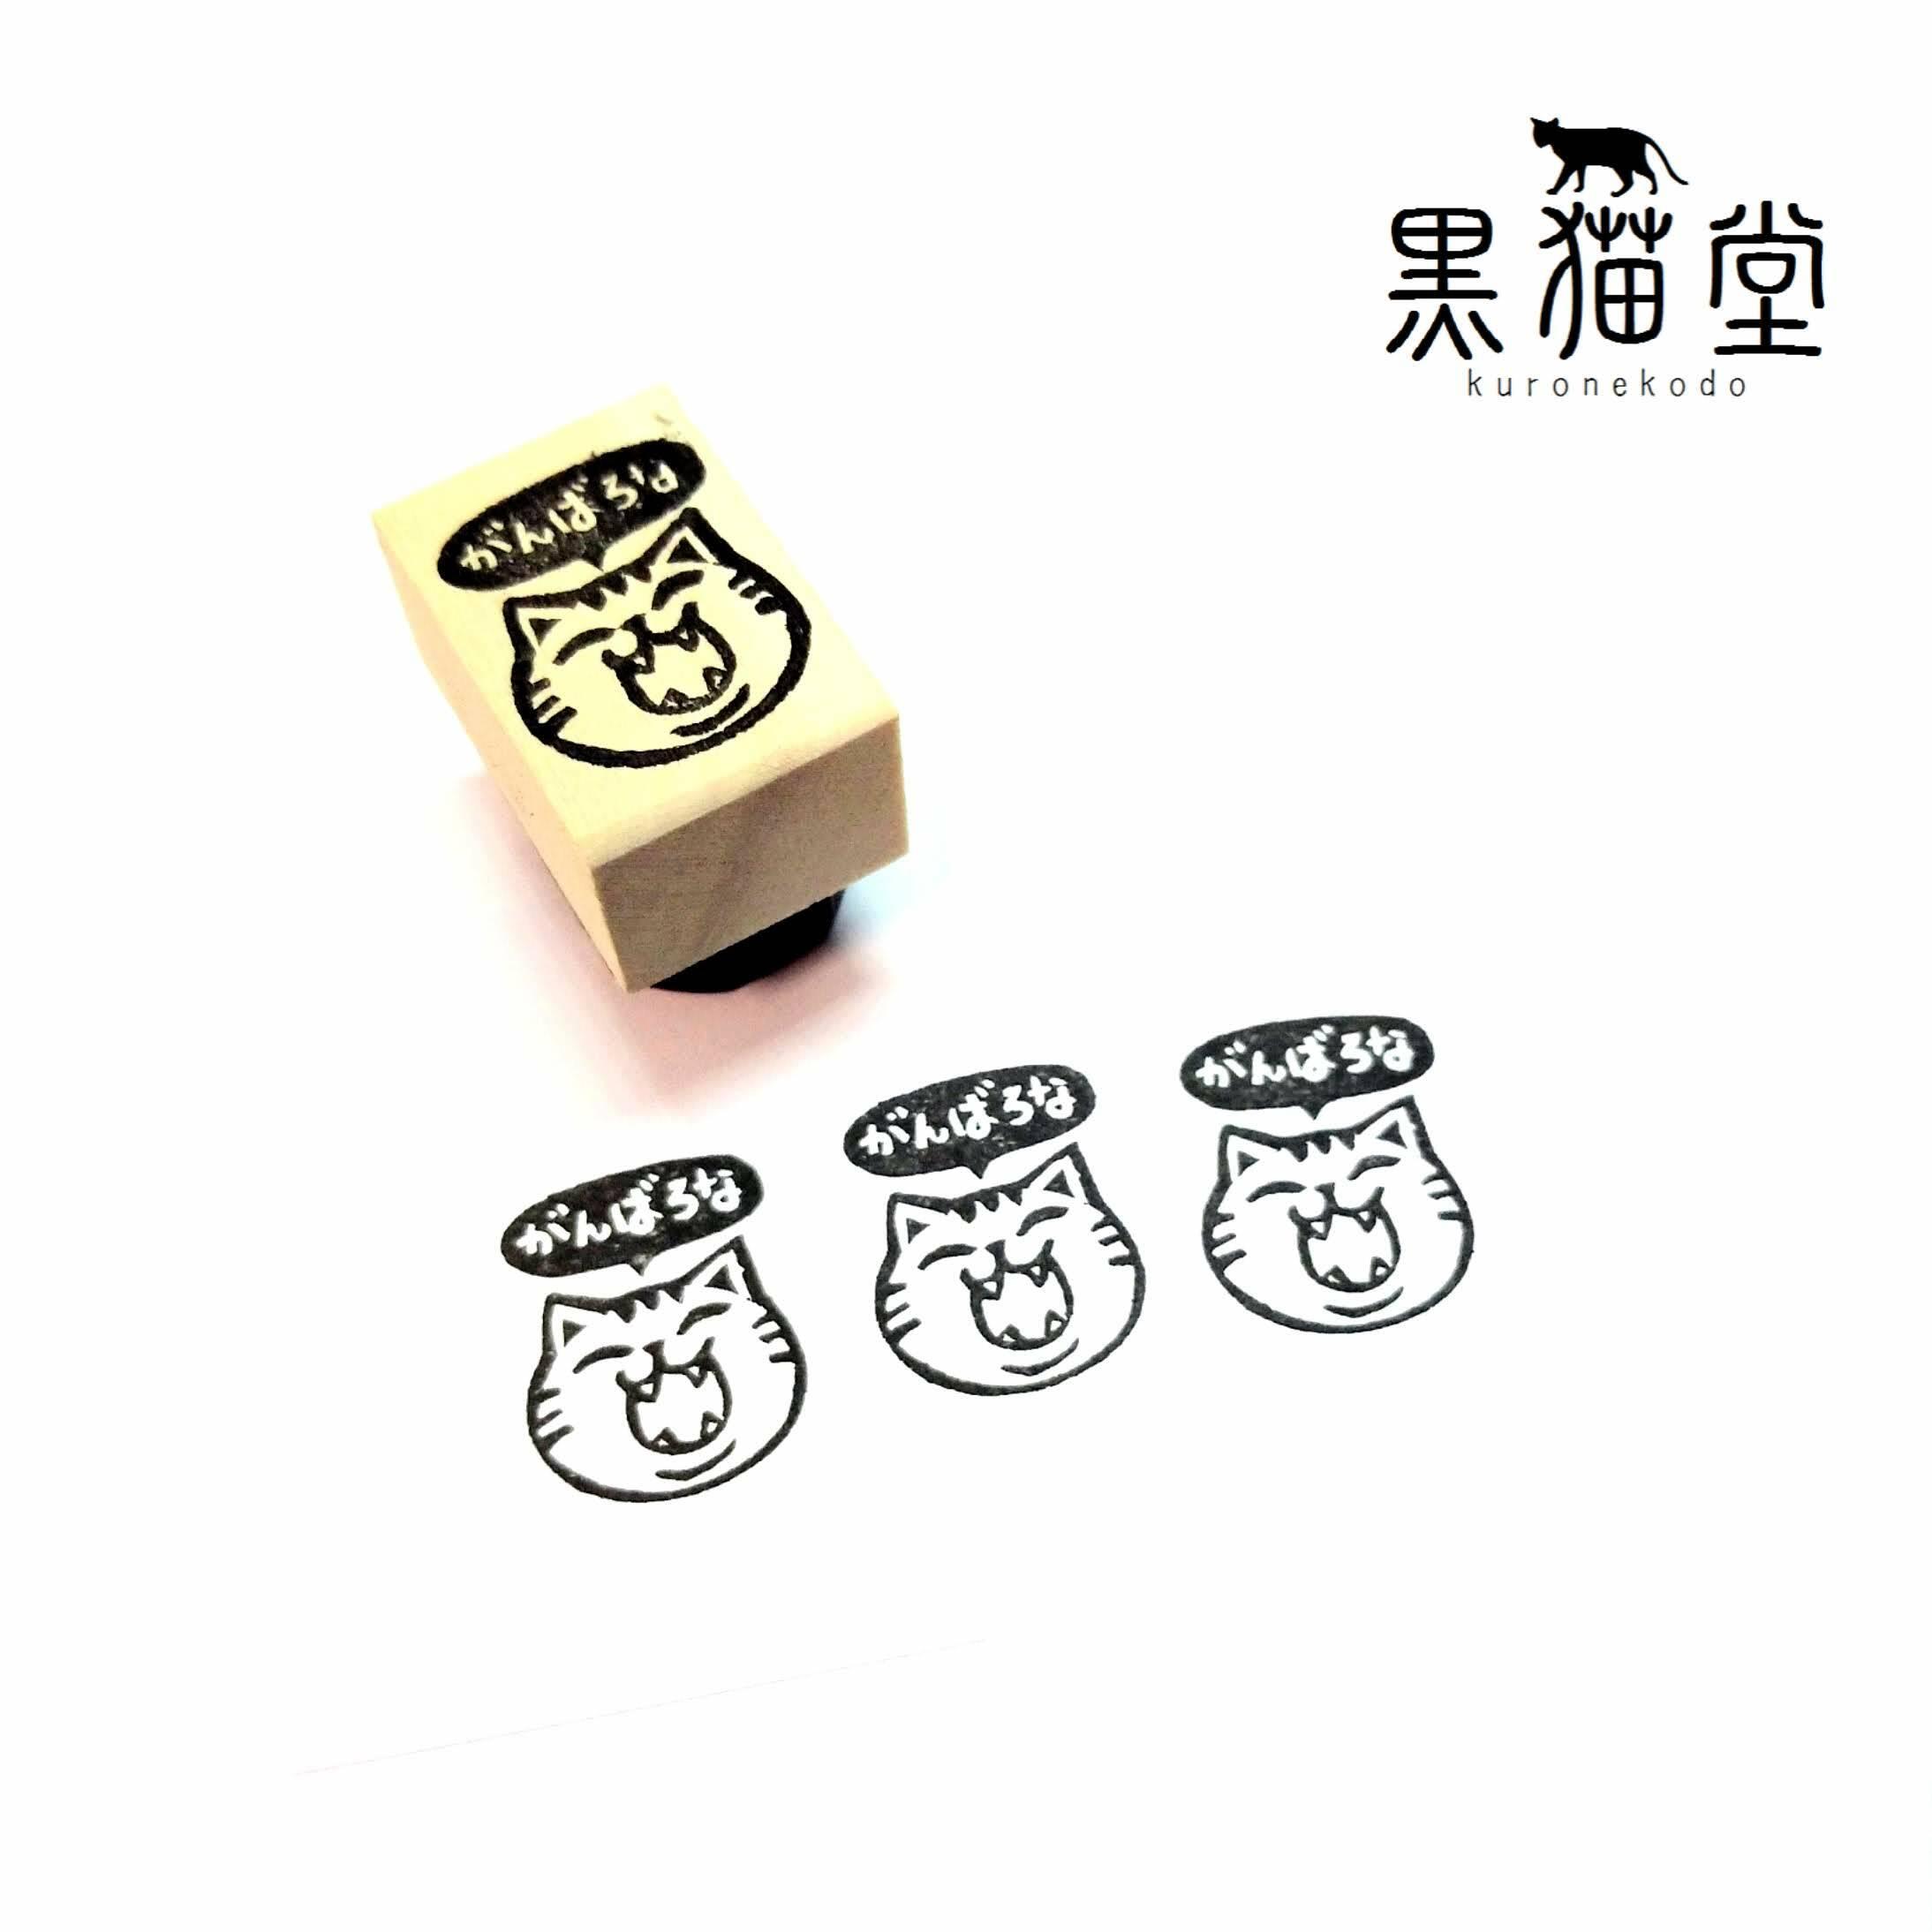 関西弁ネコ「がんばろな」